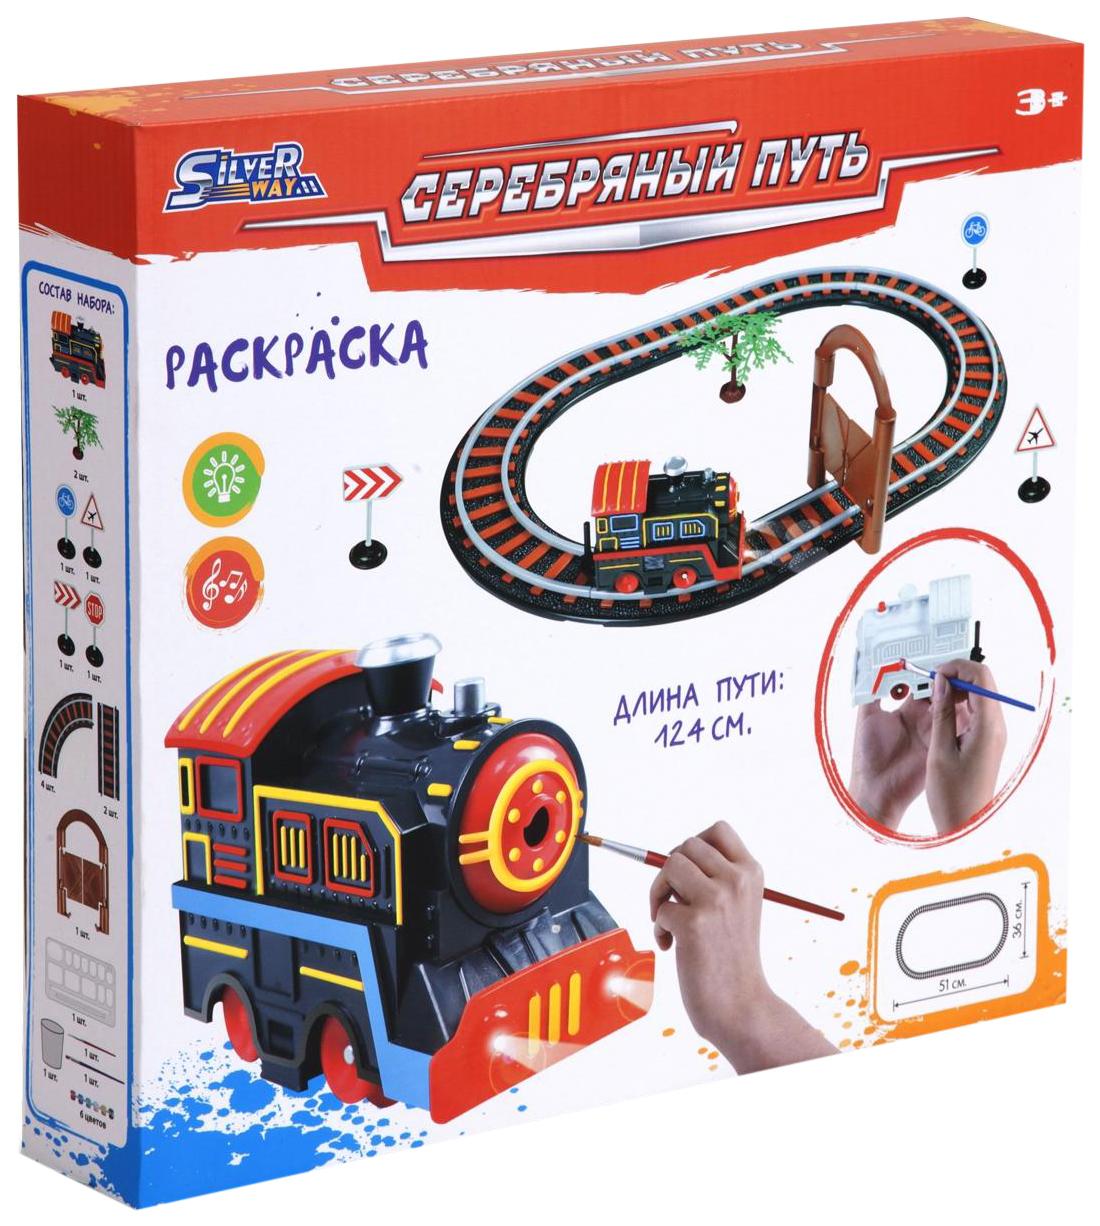 Купить Игровой набор Серебряный путь Паровозик-раскраска. Ворота, 124 см, , Silver Way, Детские железные дороги